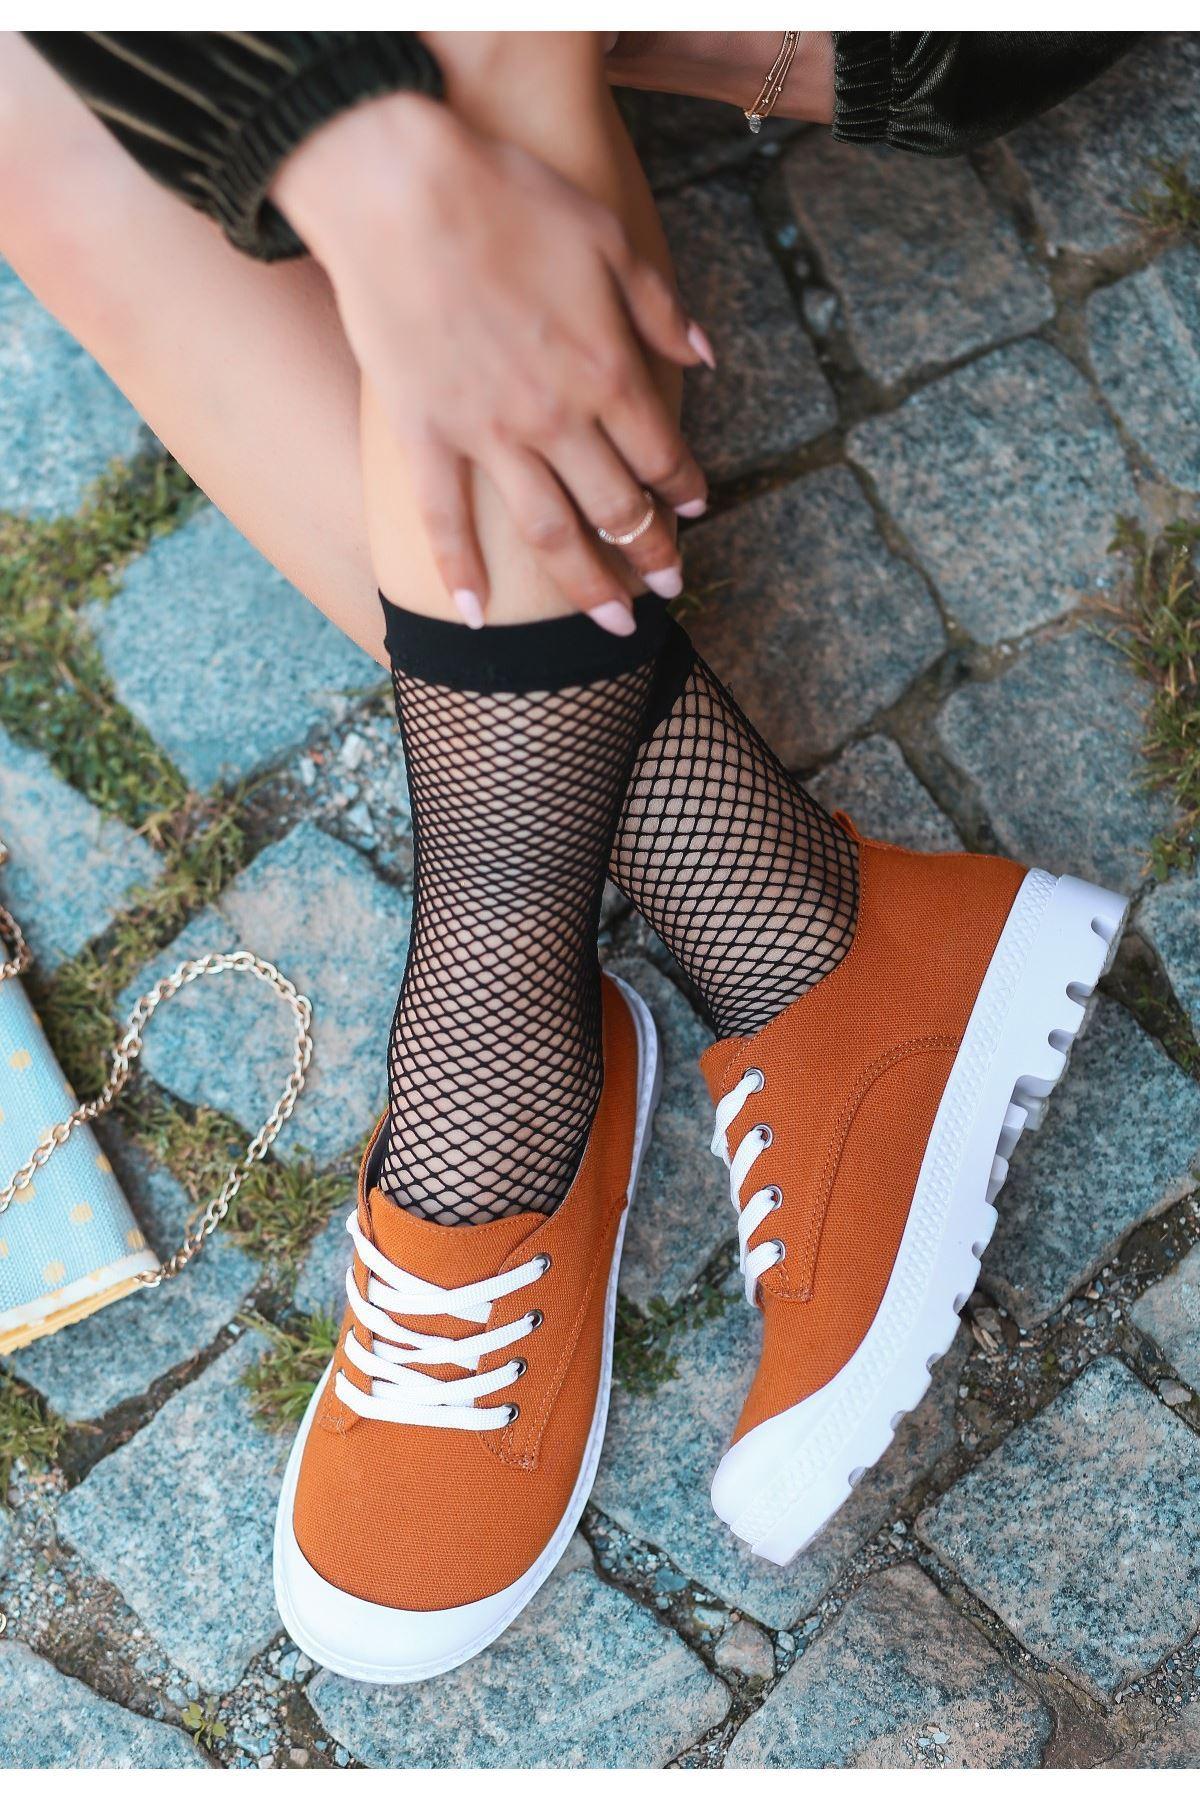 Mash Turuncu Süet Bağcıklı Spor Ayakkabı